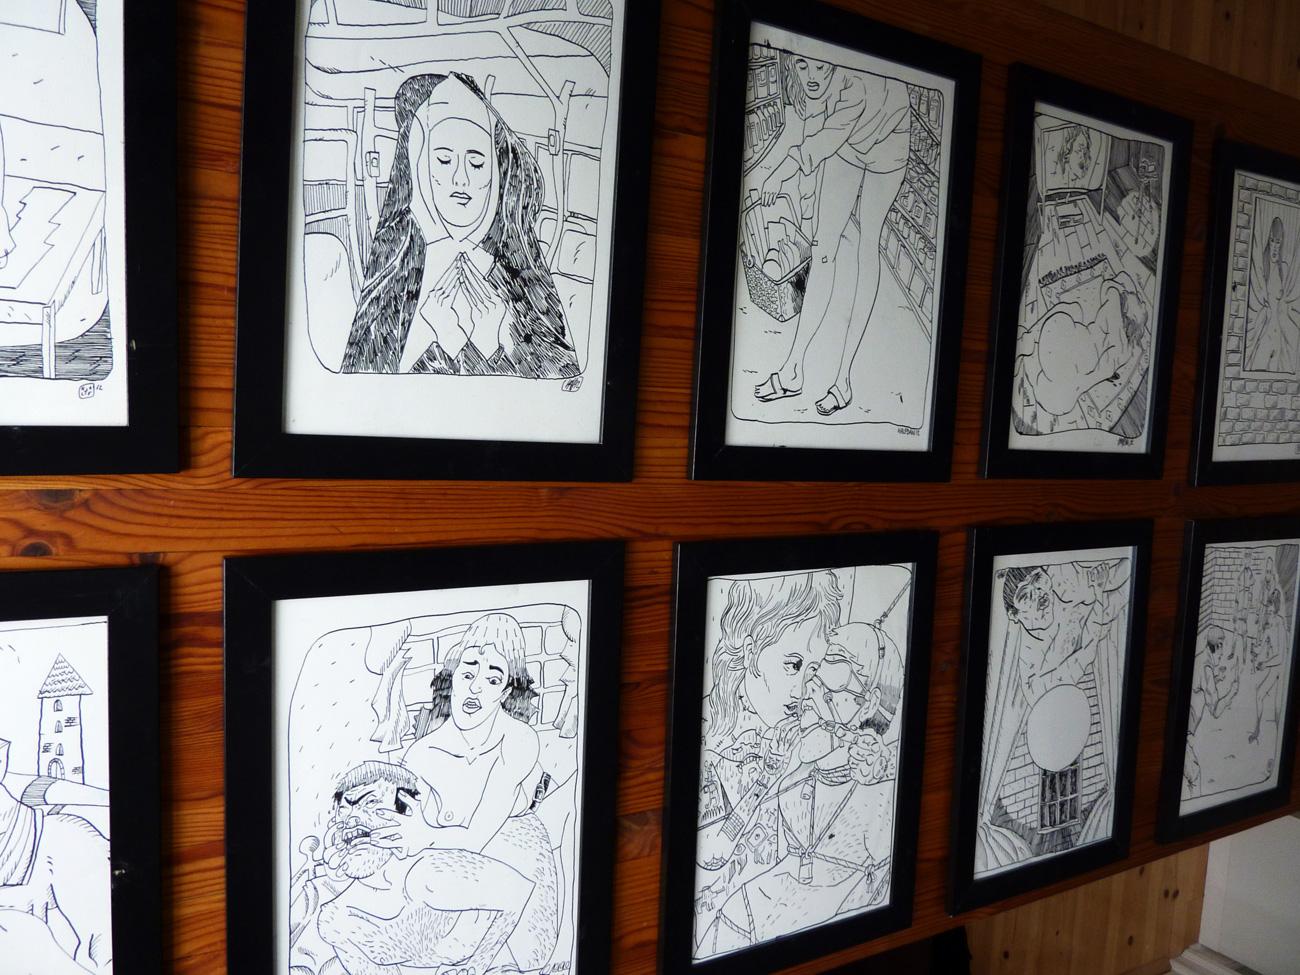 tegninger, figurative, illustrative, portræt, kroppe, tegneserier, stemninger, seksualitet, sorte, hvide, papir, tusch, erotiske, mænd, nøgen, seksuel, skitse, Køb original kunst og kunstplakater. Malerier, tegninger, limited edition kunsttryk & plakater af dygtige kunstnere.